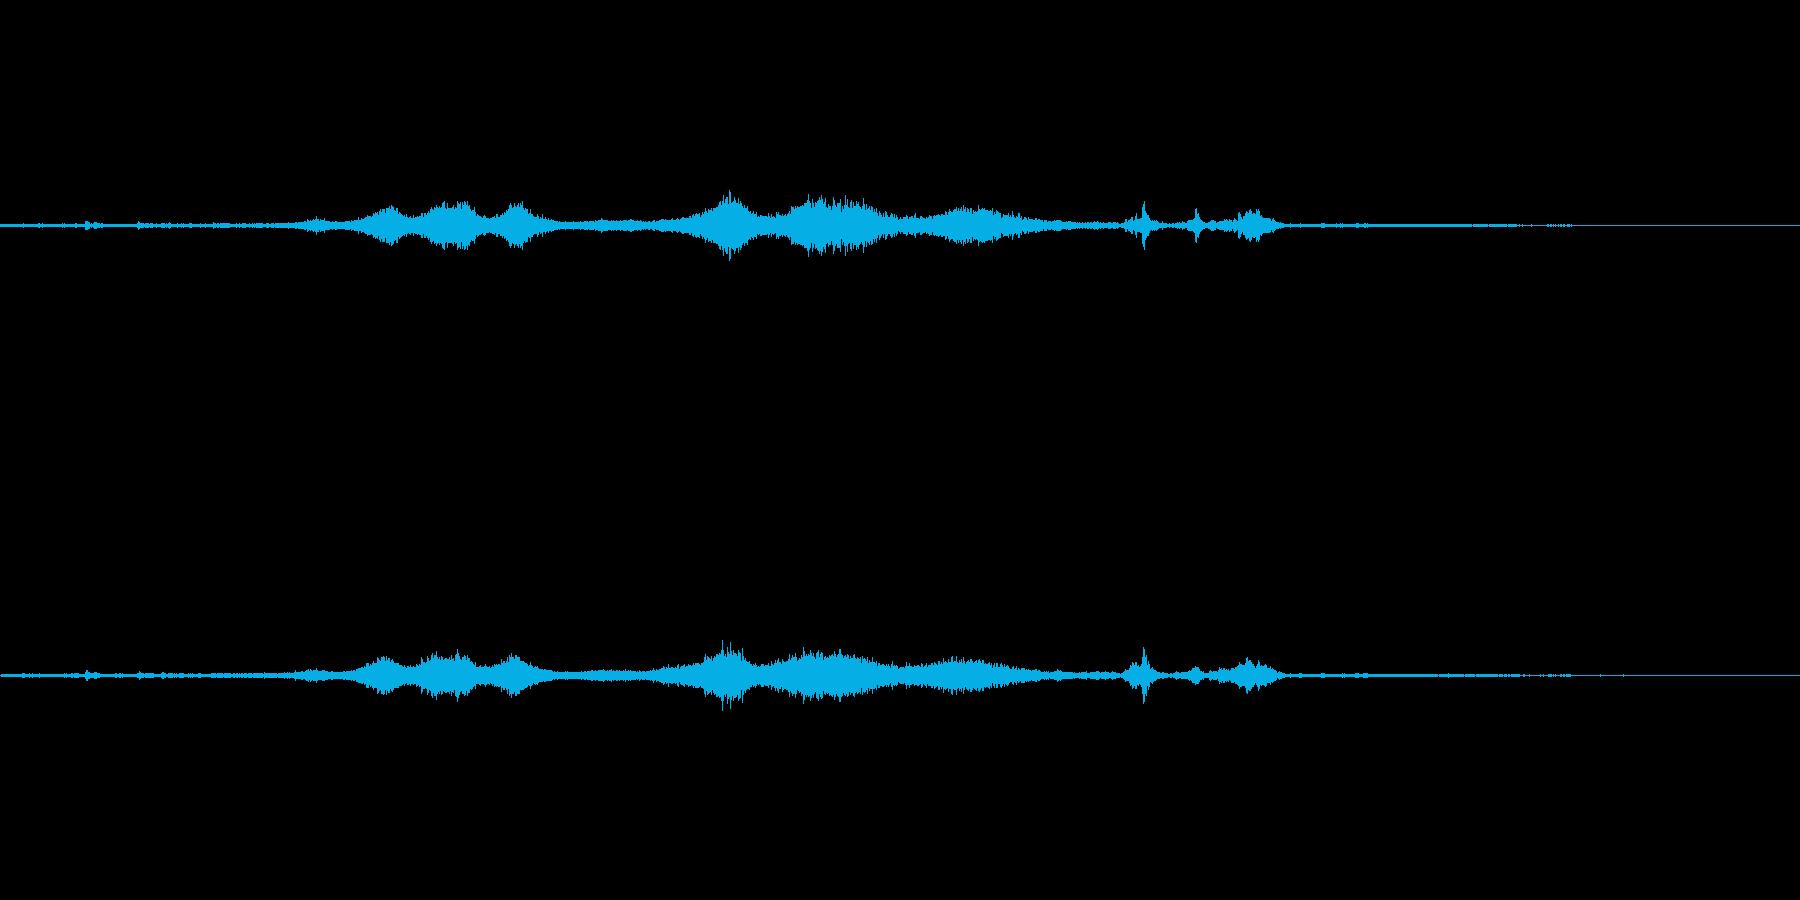 ガタンガタンキュー 電車の停車音の再生済みの波形